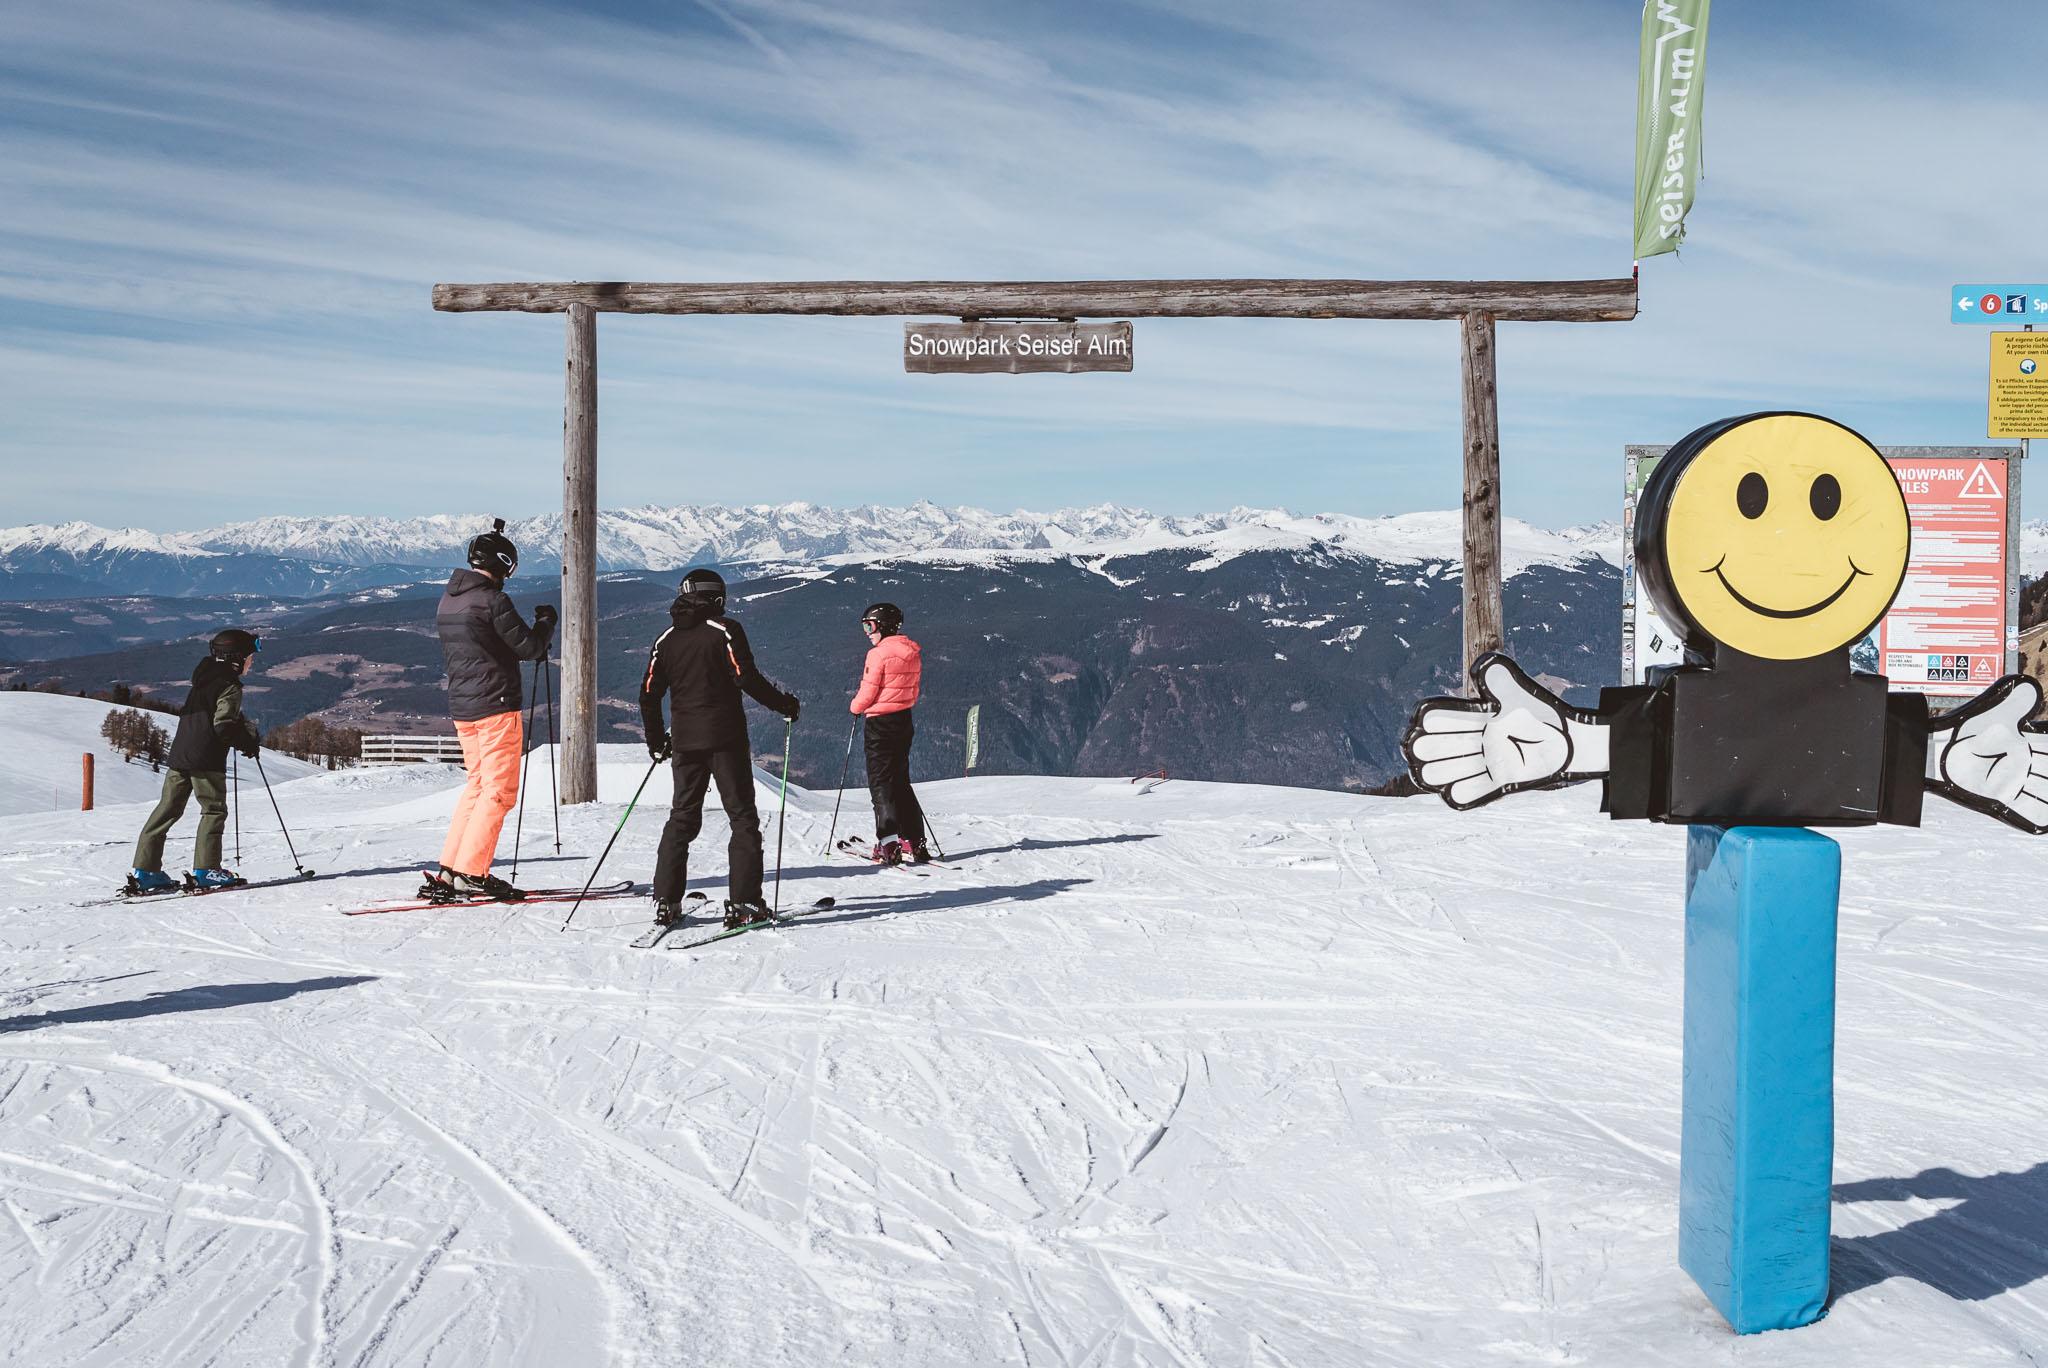 Der Eingang zum Snowpark Seiser Alm